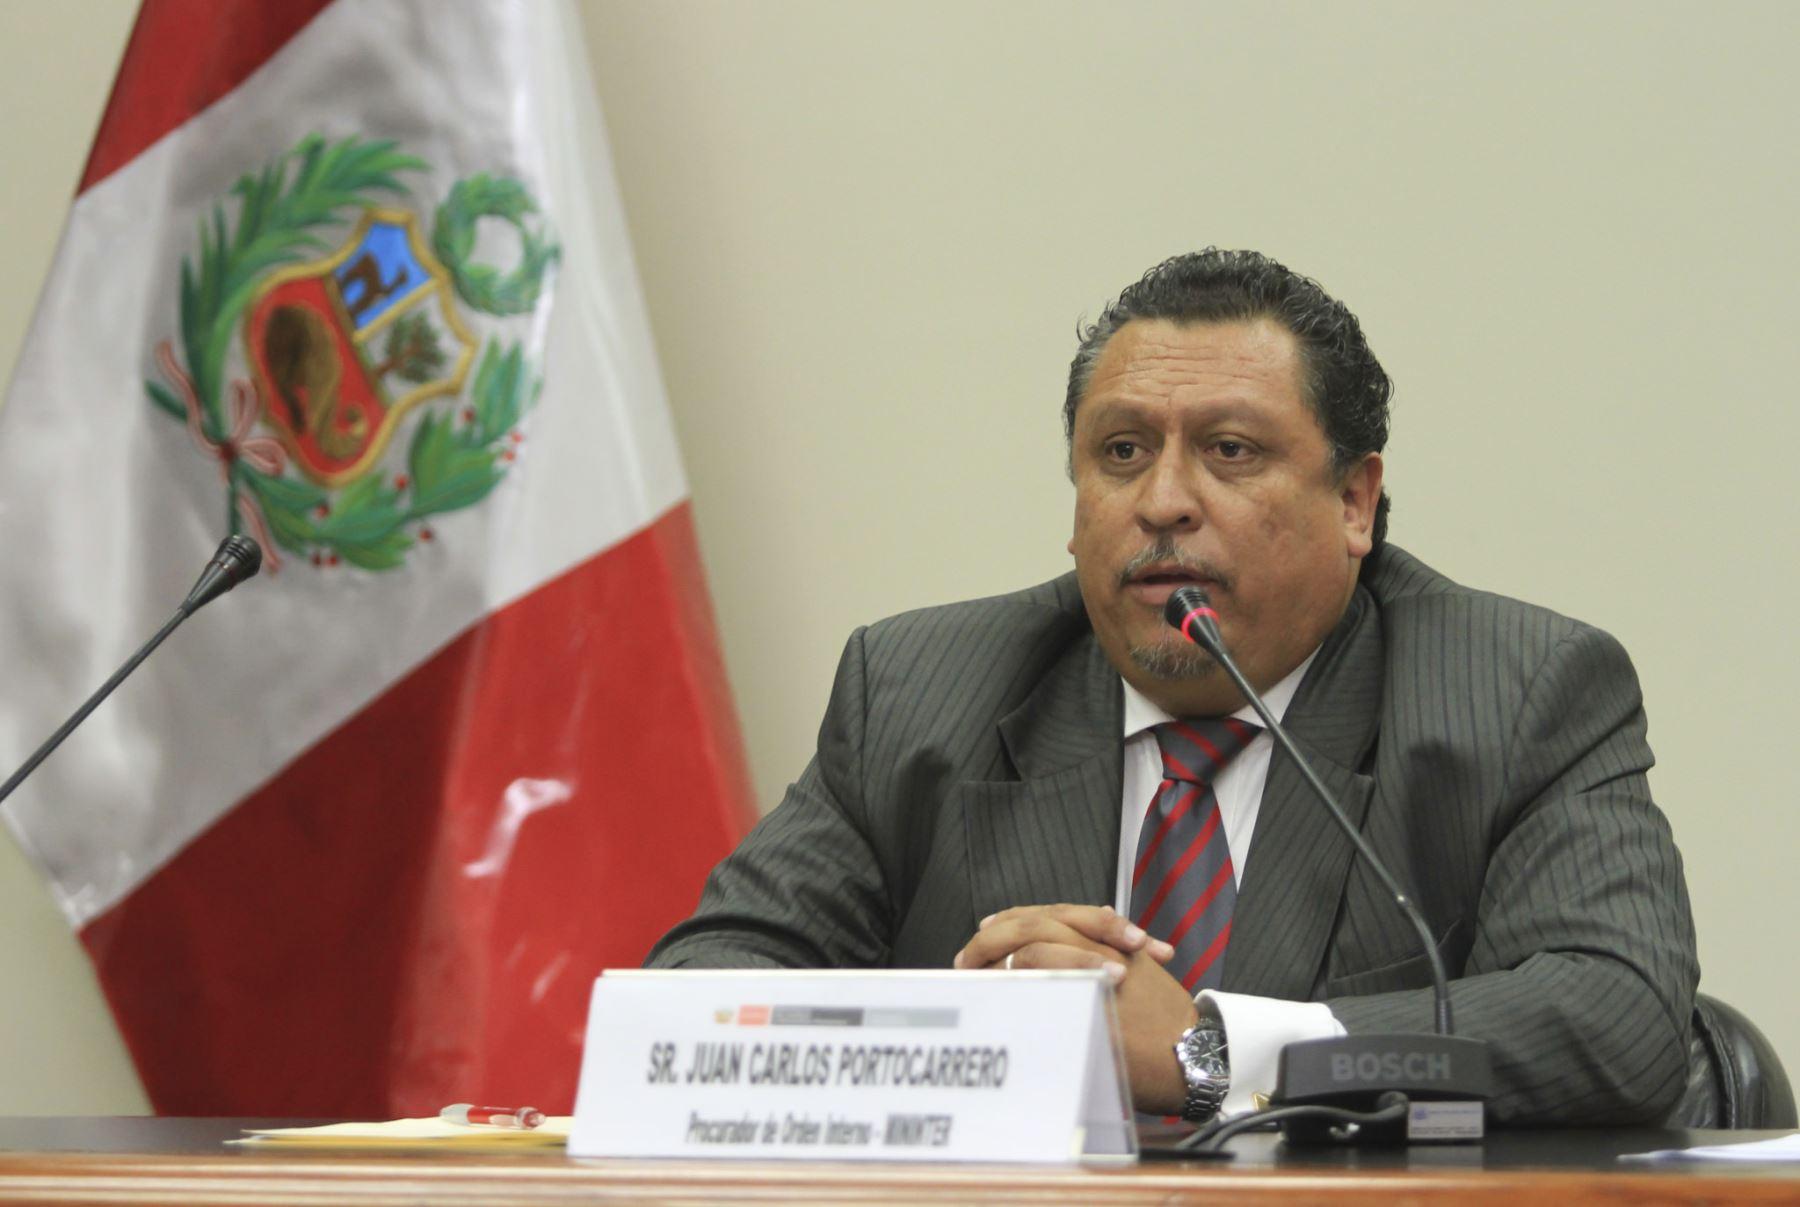 Nuevos audios confirman real inter s de guti rrez por for Portal del ministerio del interior